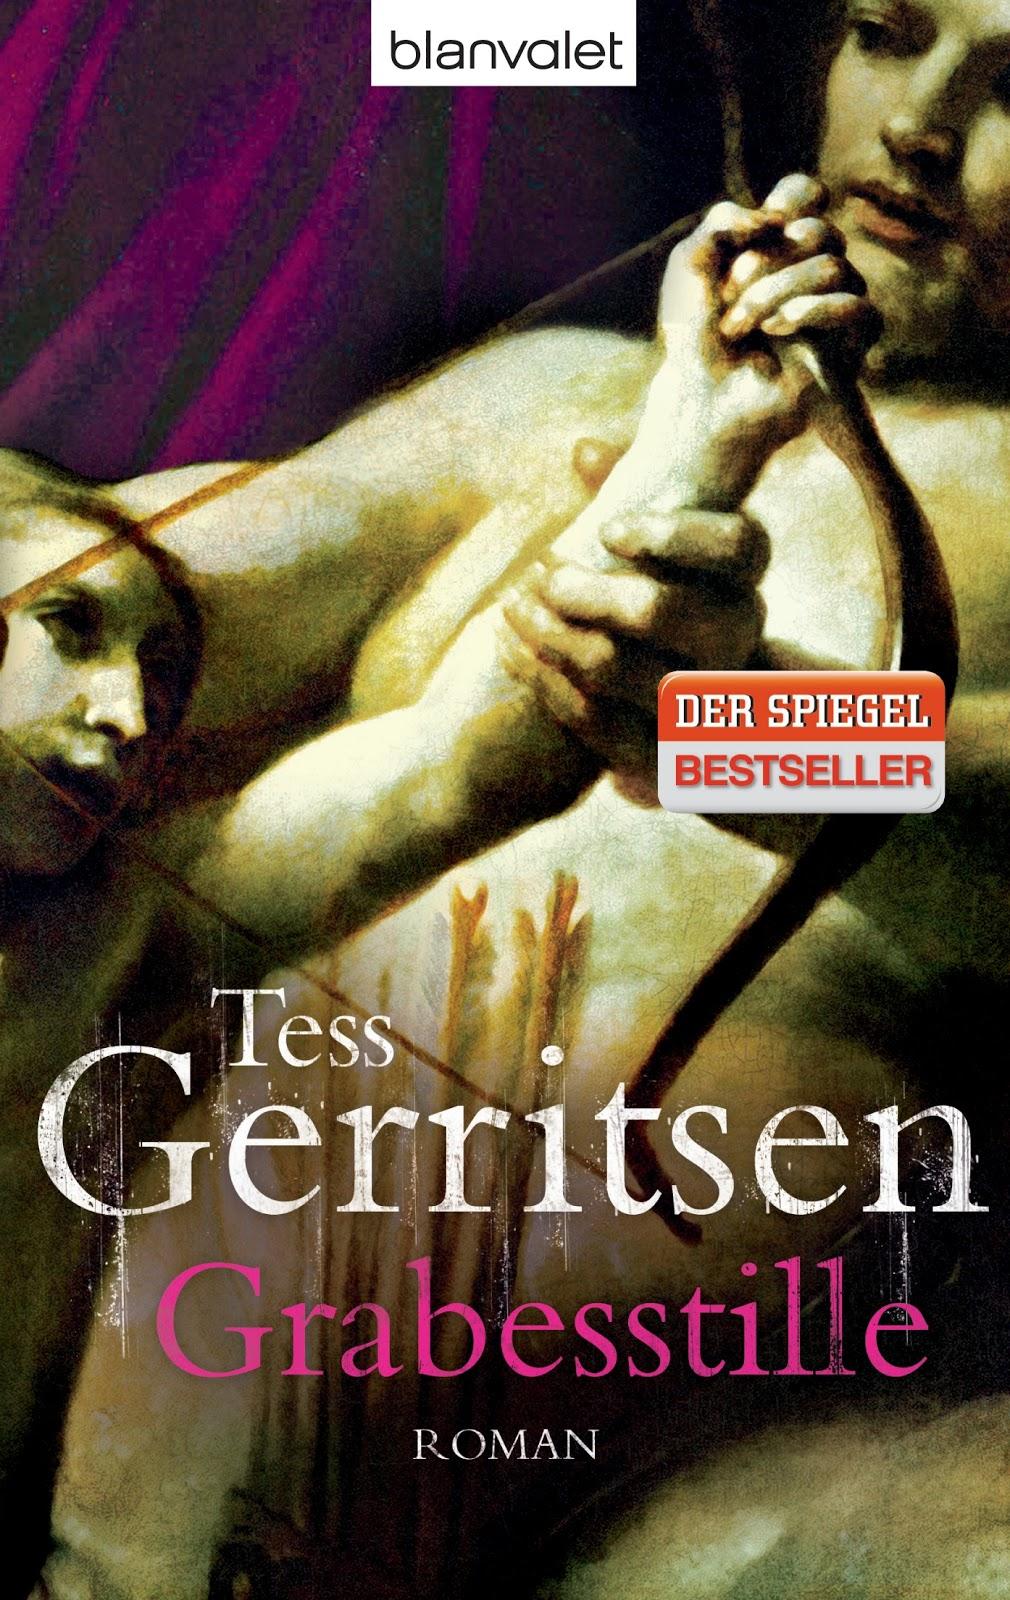 http://www.randomhouse.de/Presse/Taschenbuch/Grabesstille-Roman/Tess-Gerritsen/pr331235.rhd?men=1&pub=1000